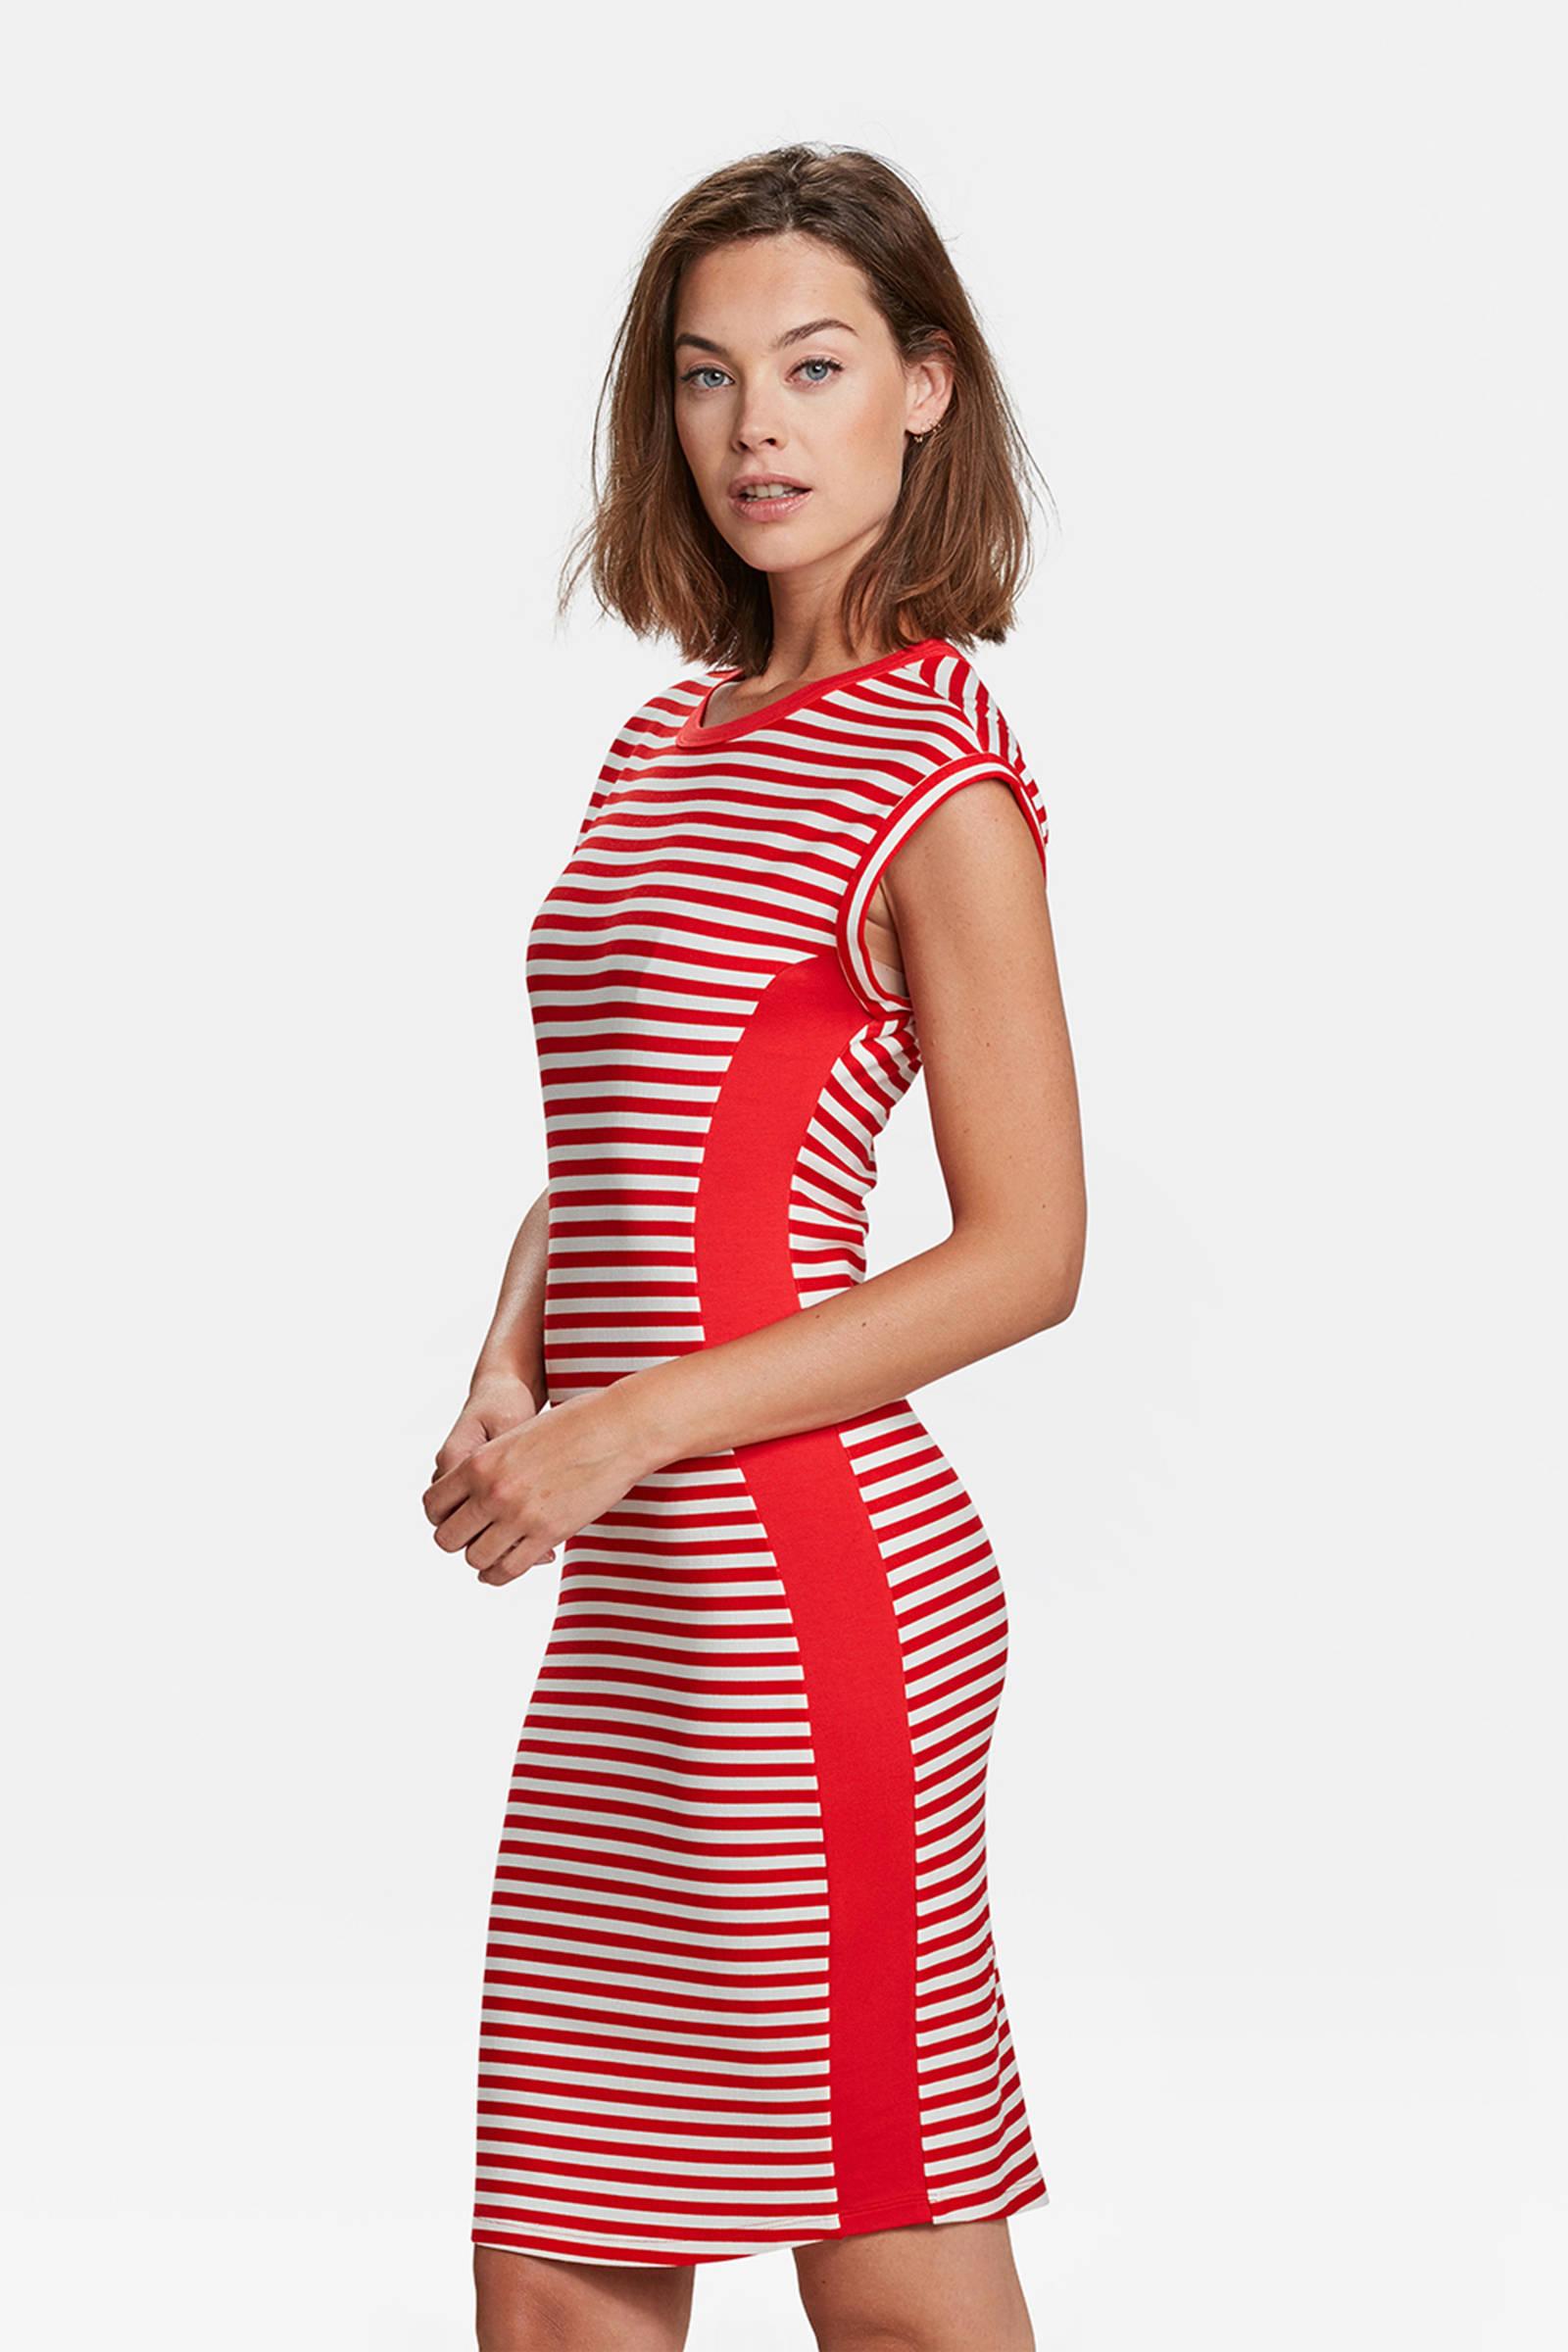 jurk rood wit gestreept